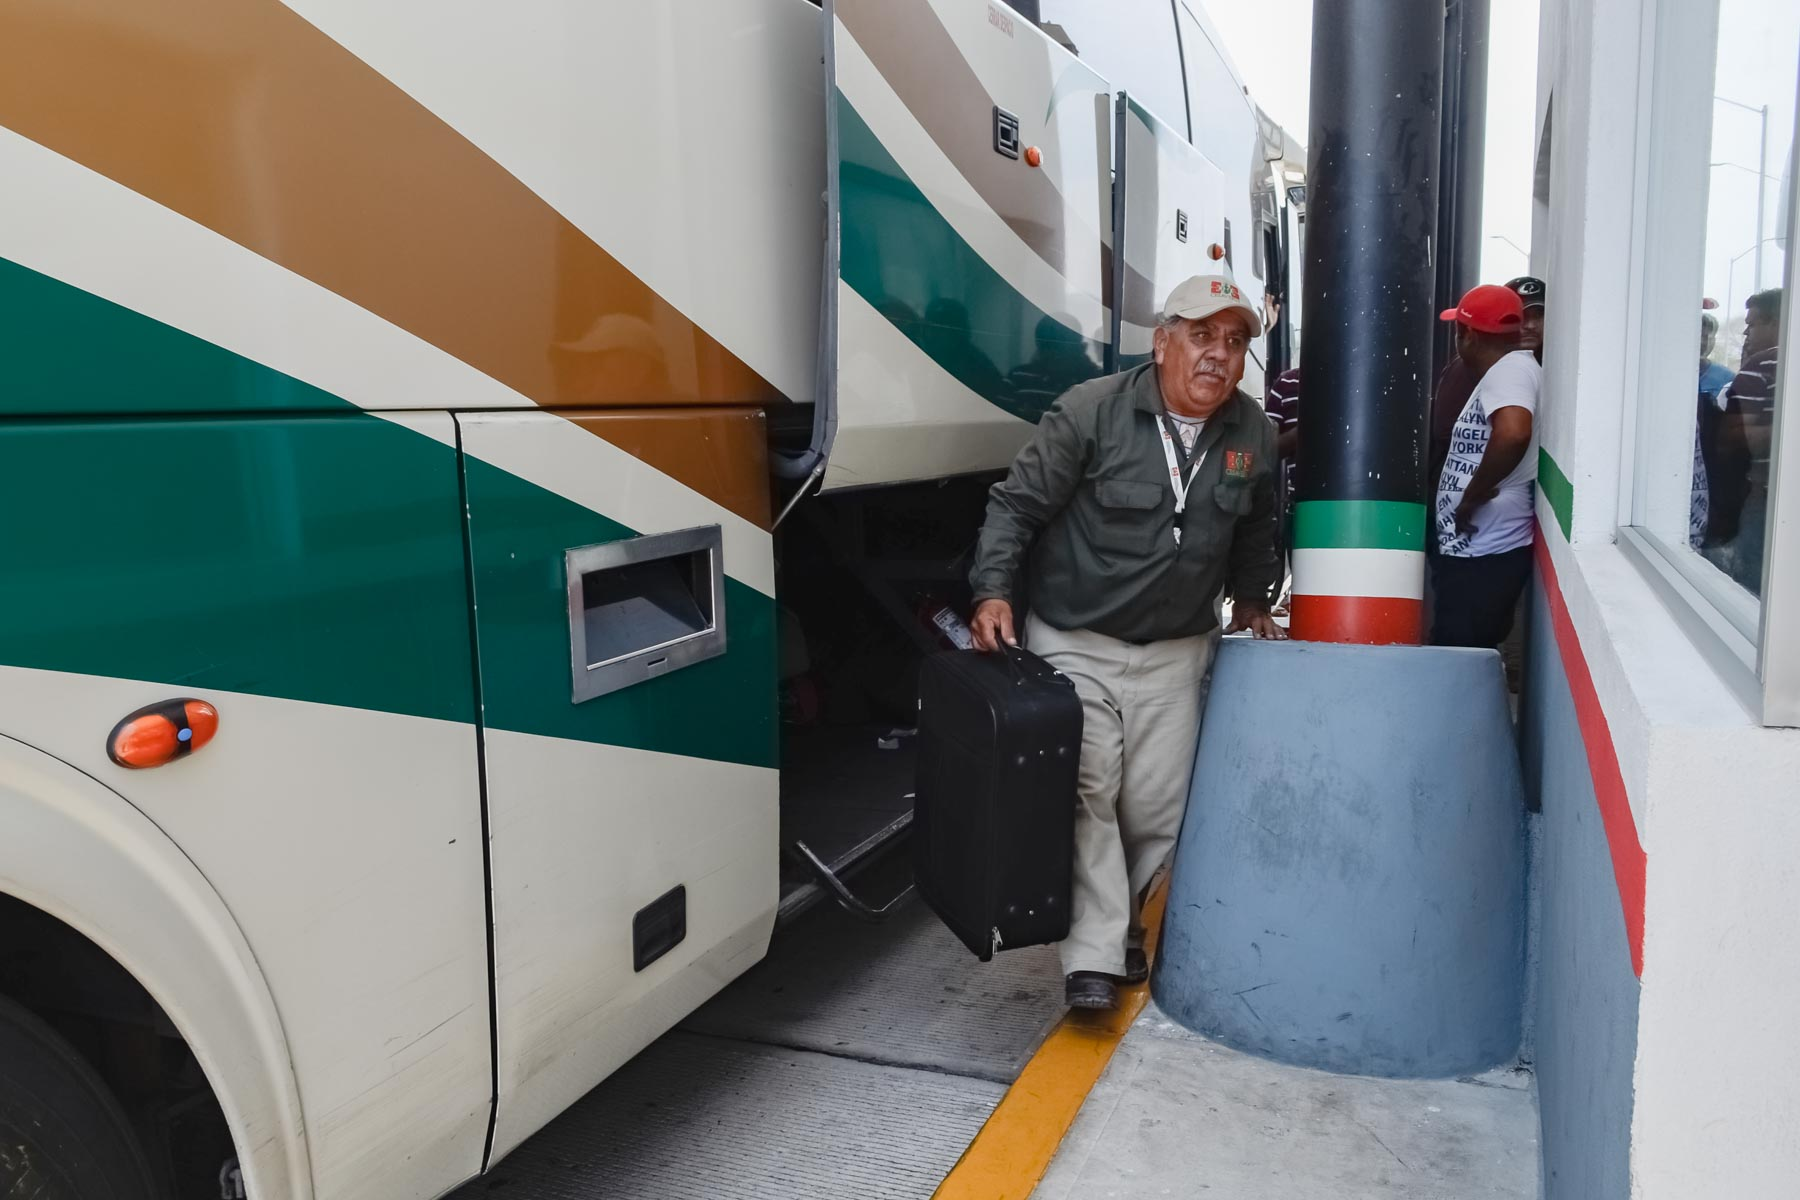 Oficiales revisan equipajes en el transporte público